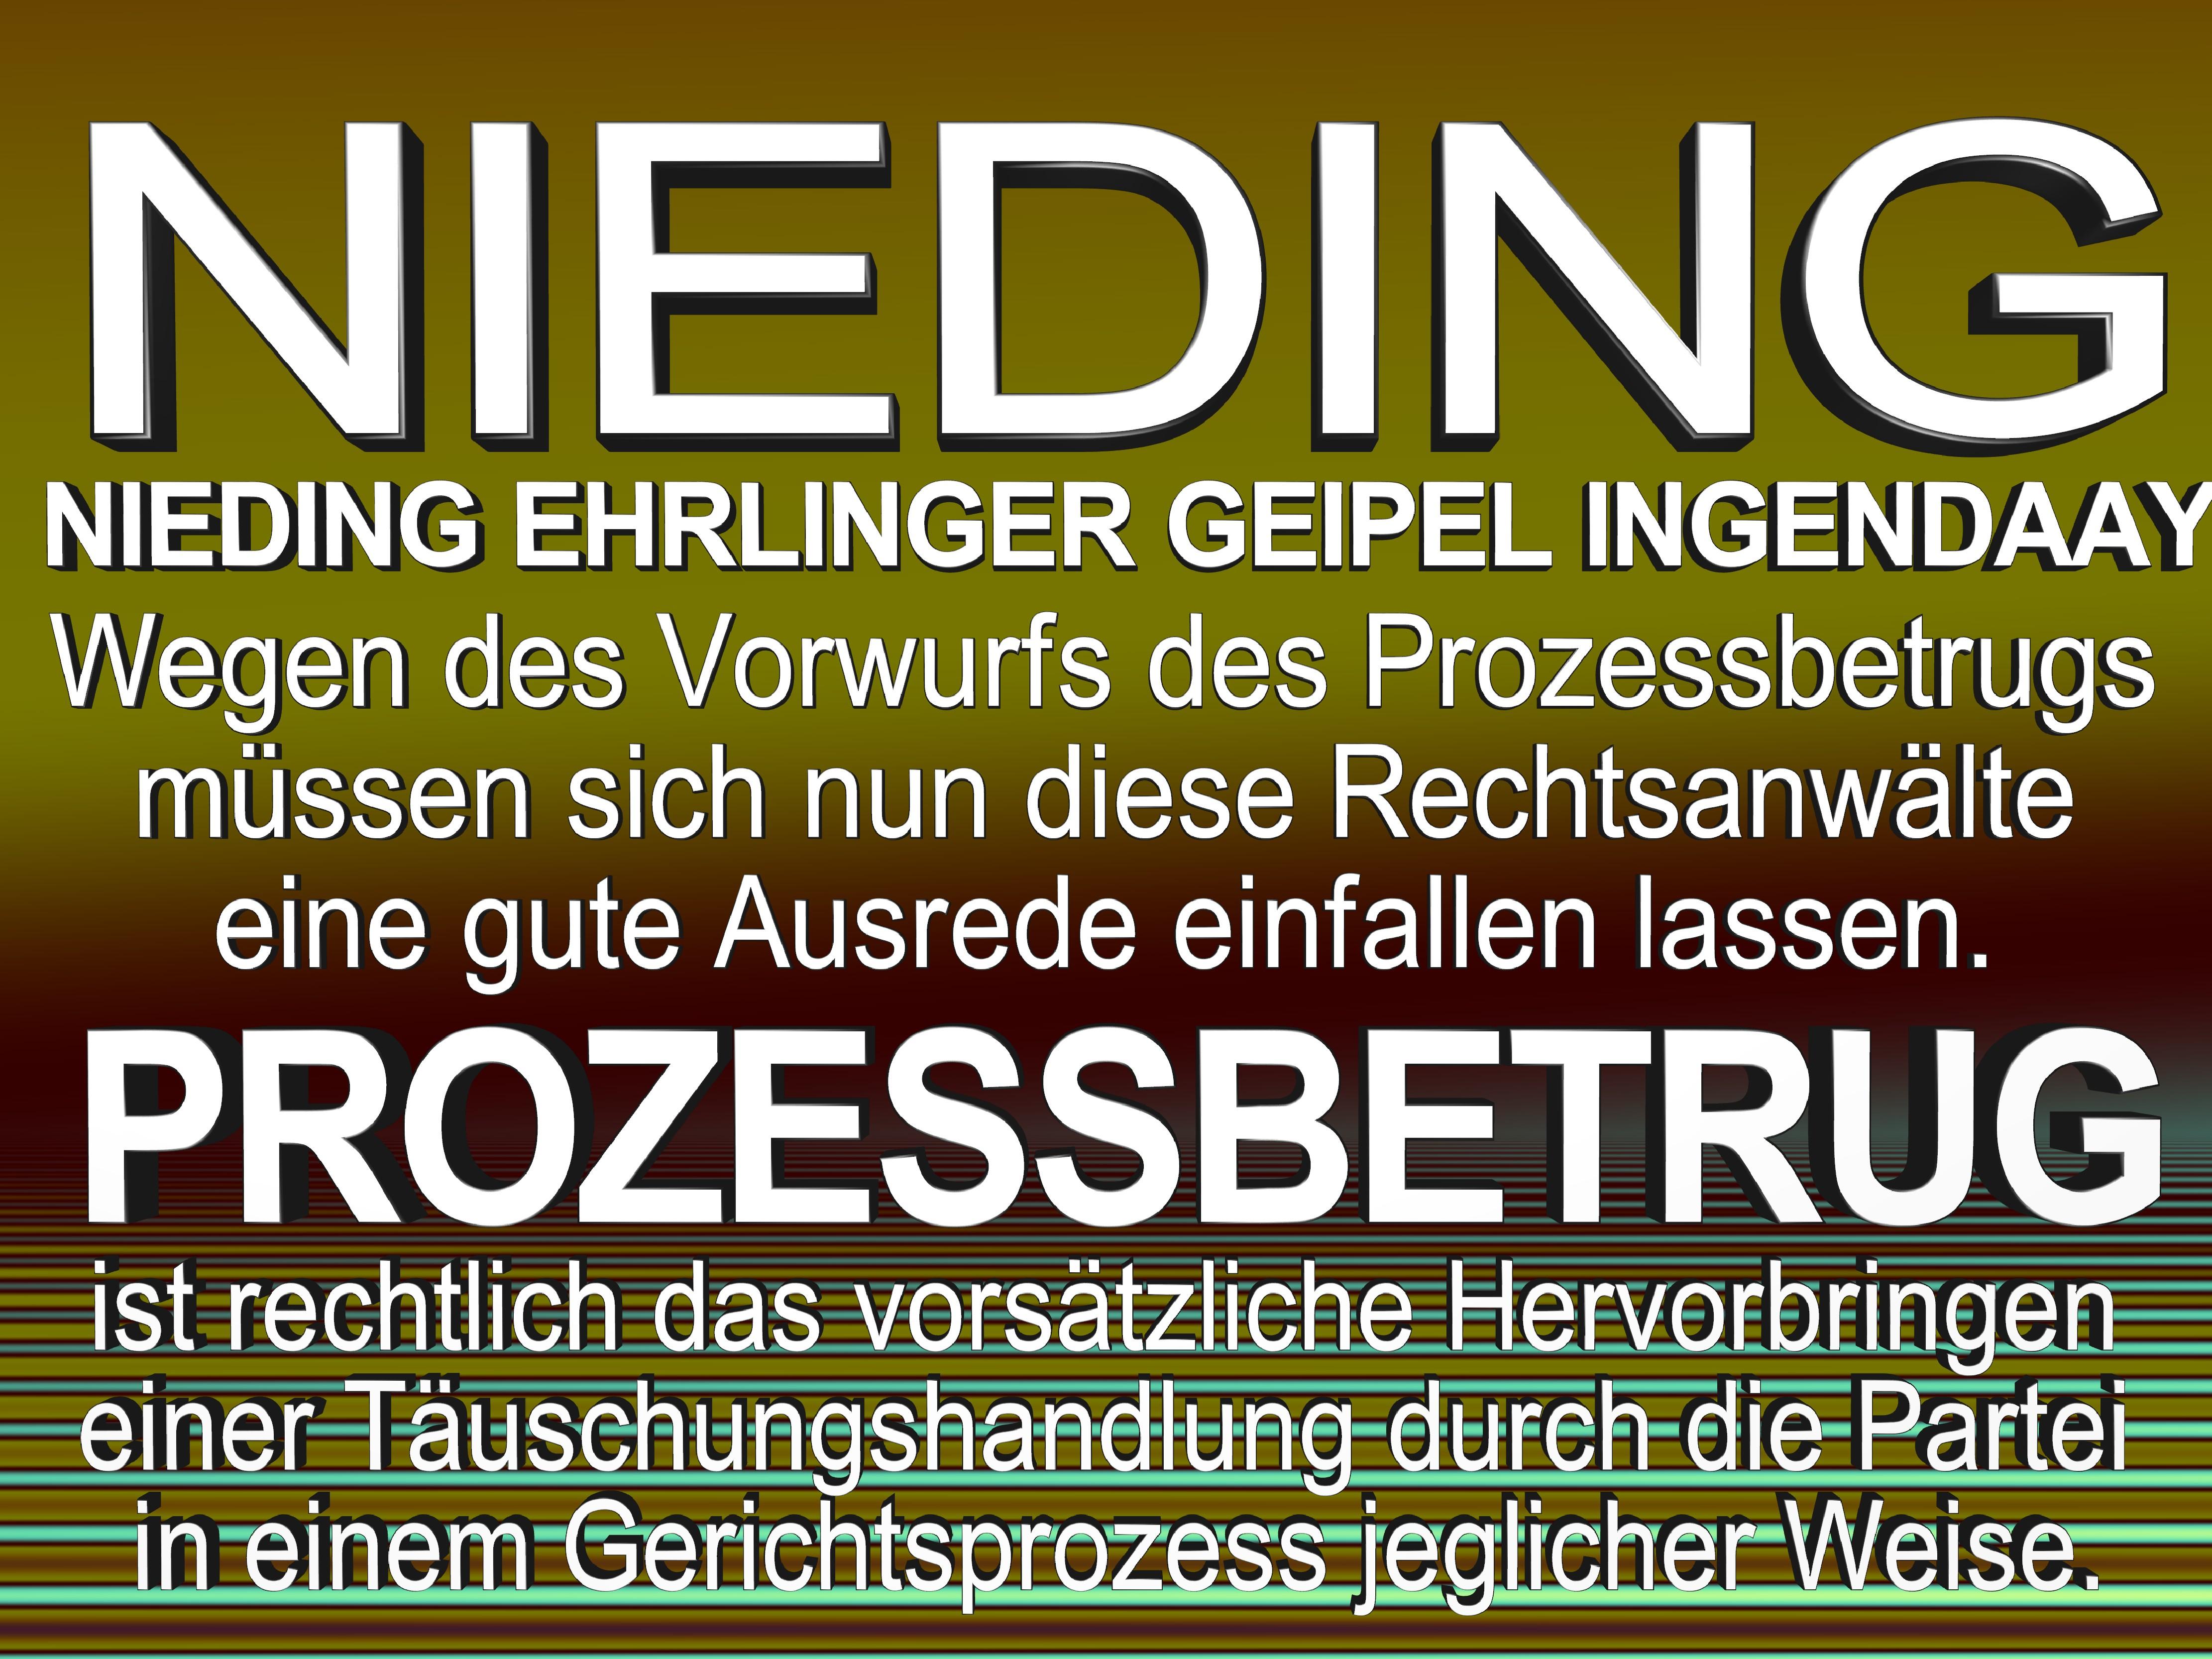 NIEDING EHRLINGER GEIPEL INGENDAAY LELKE Kurfürstendamm 66 Berlin (136)